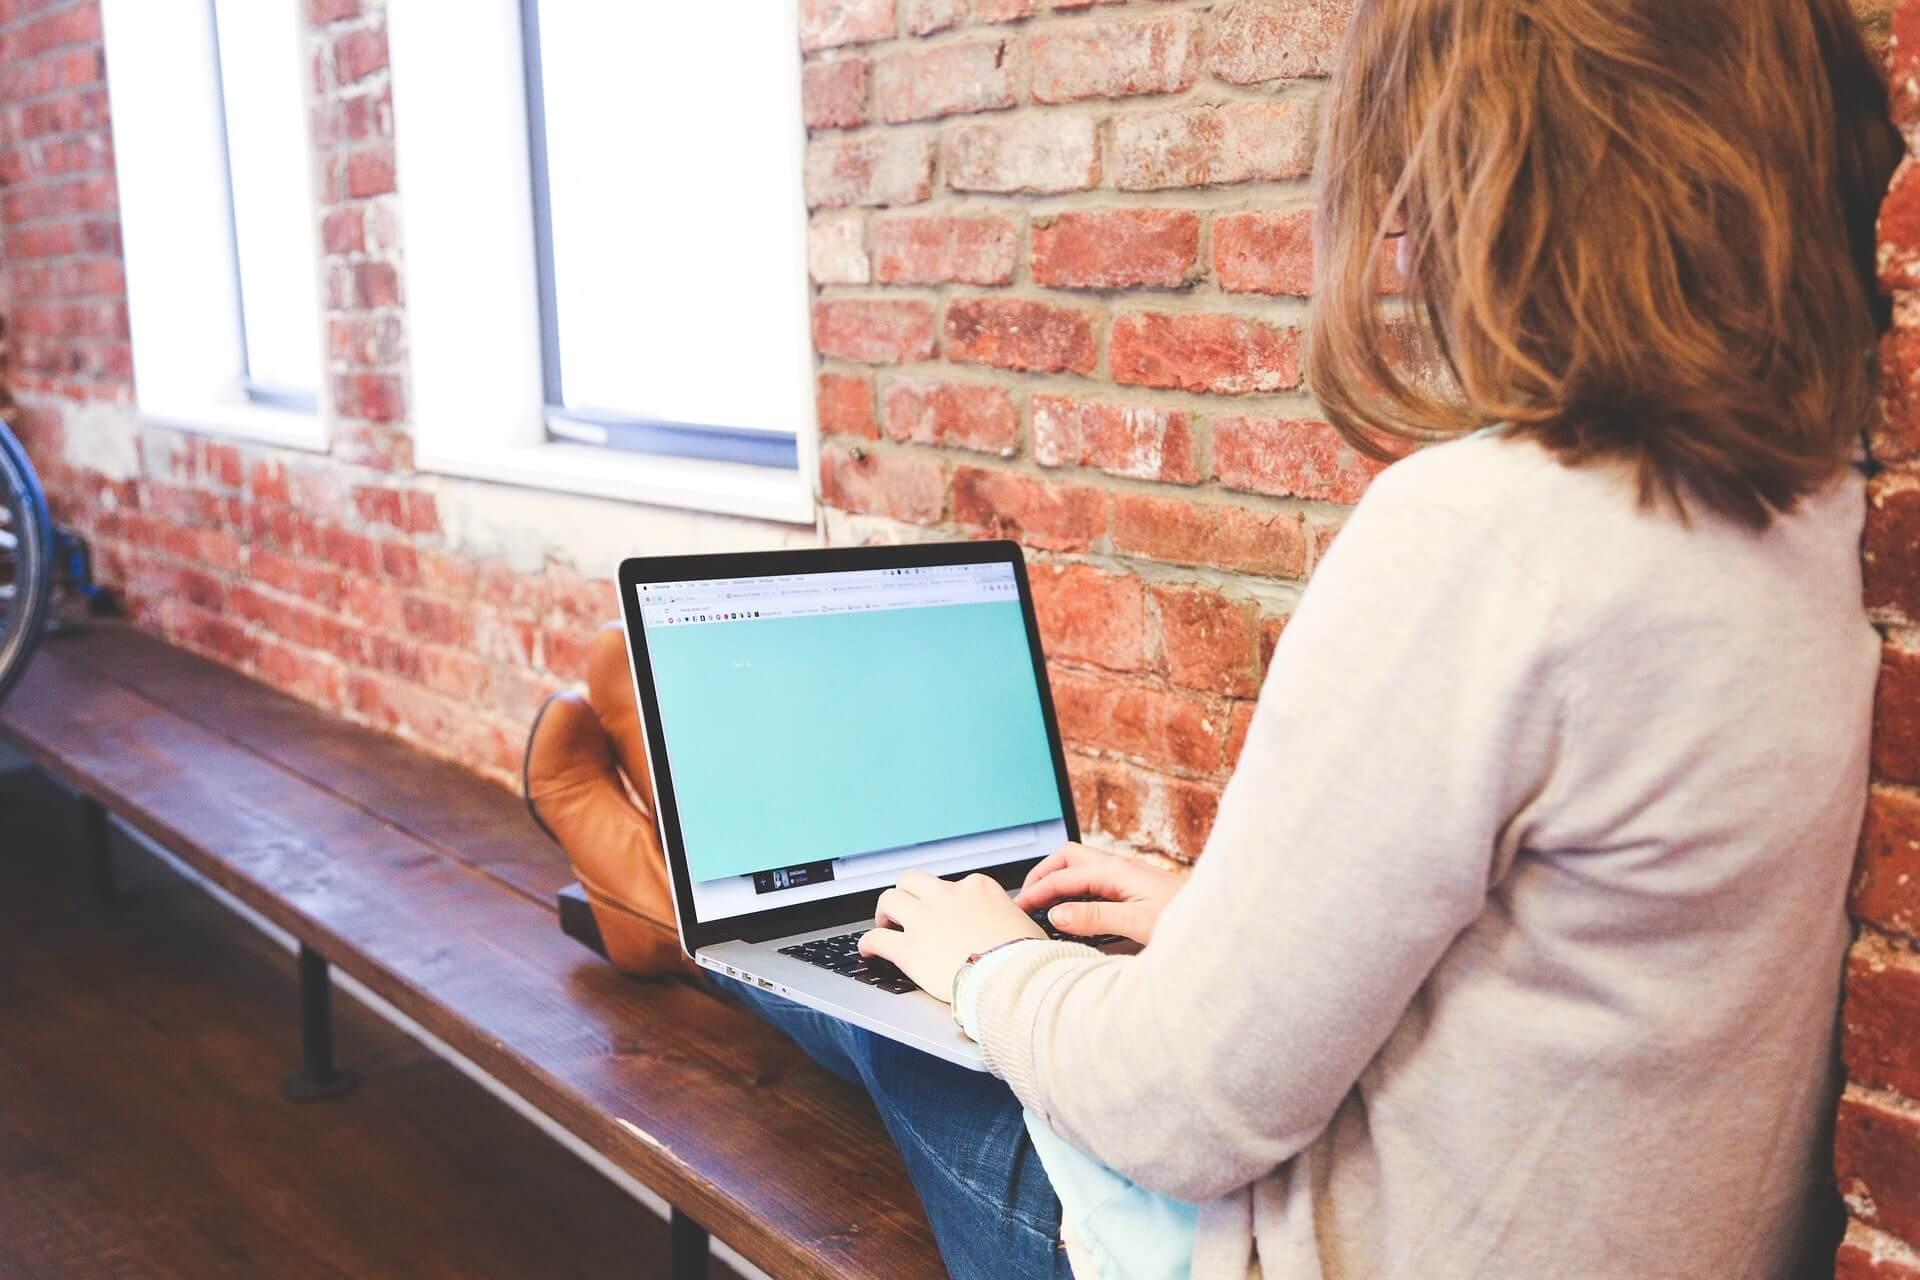 Eine Frau sitzt auf einer Fensterbank und tippt am Laptop